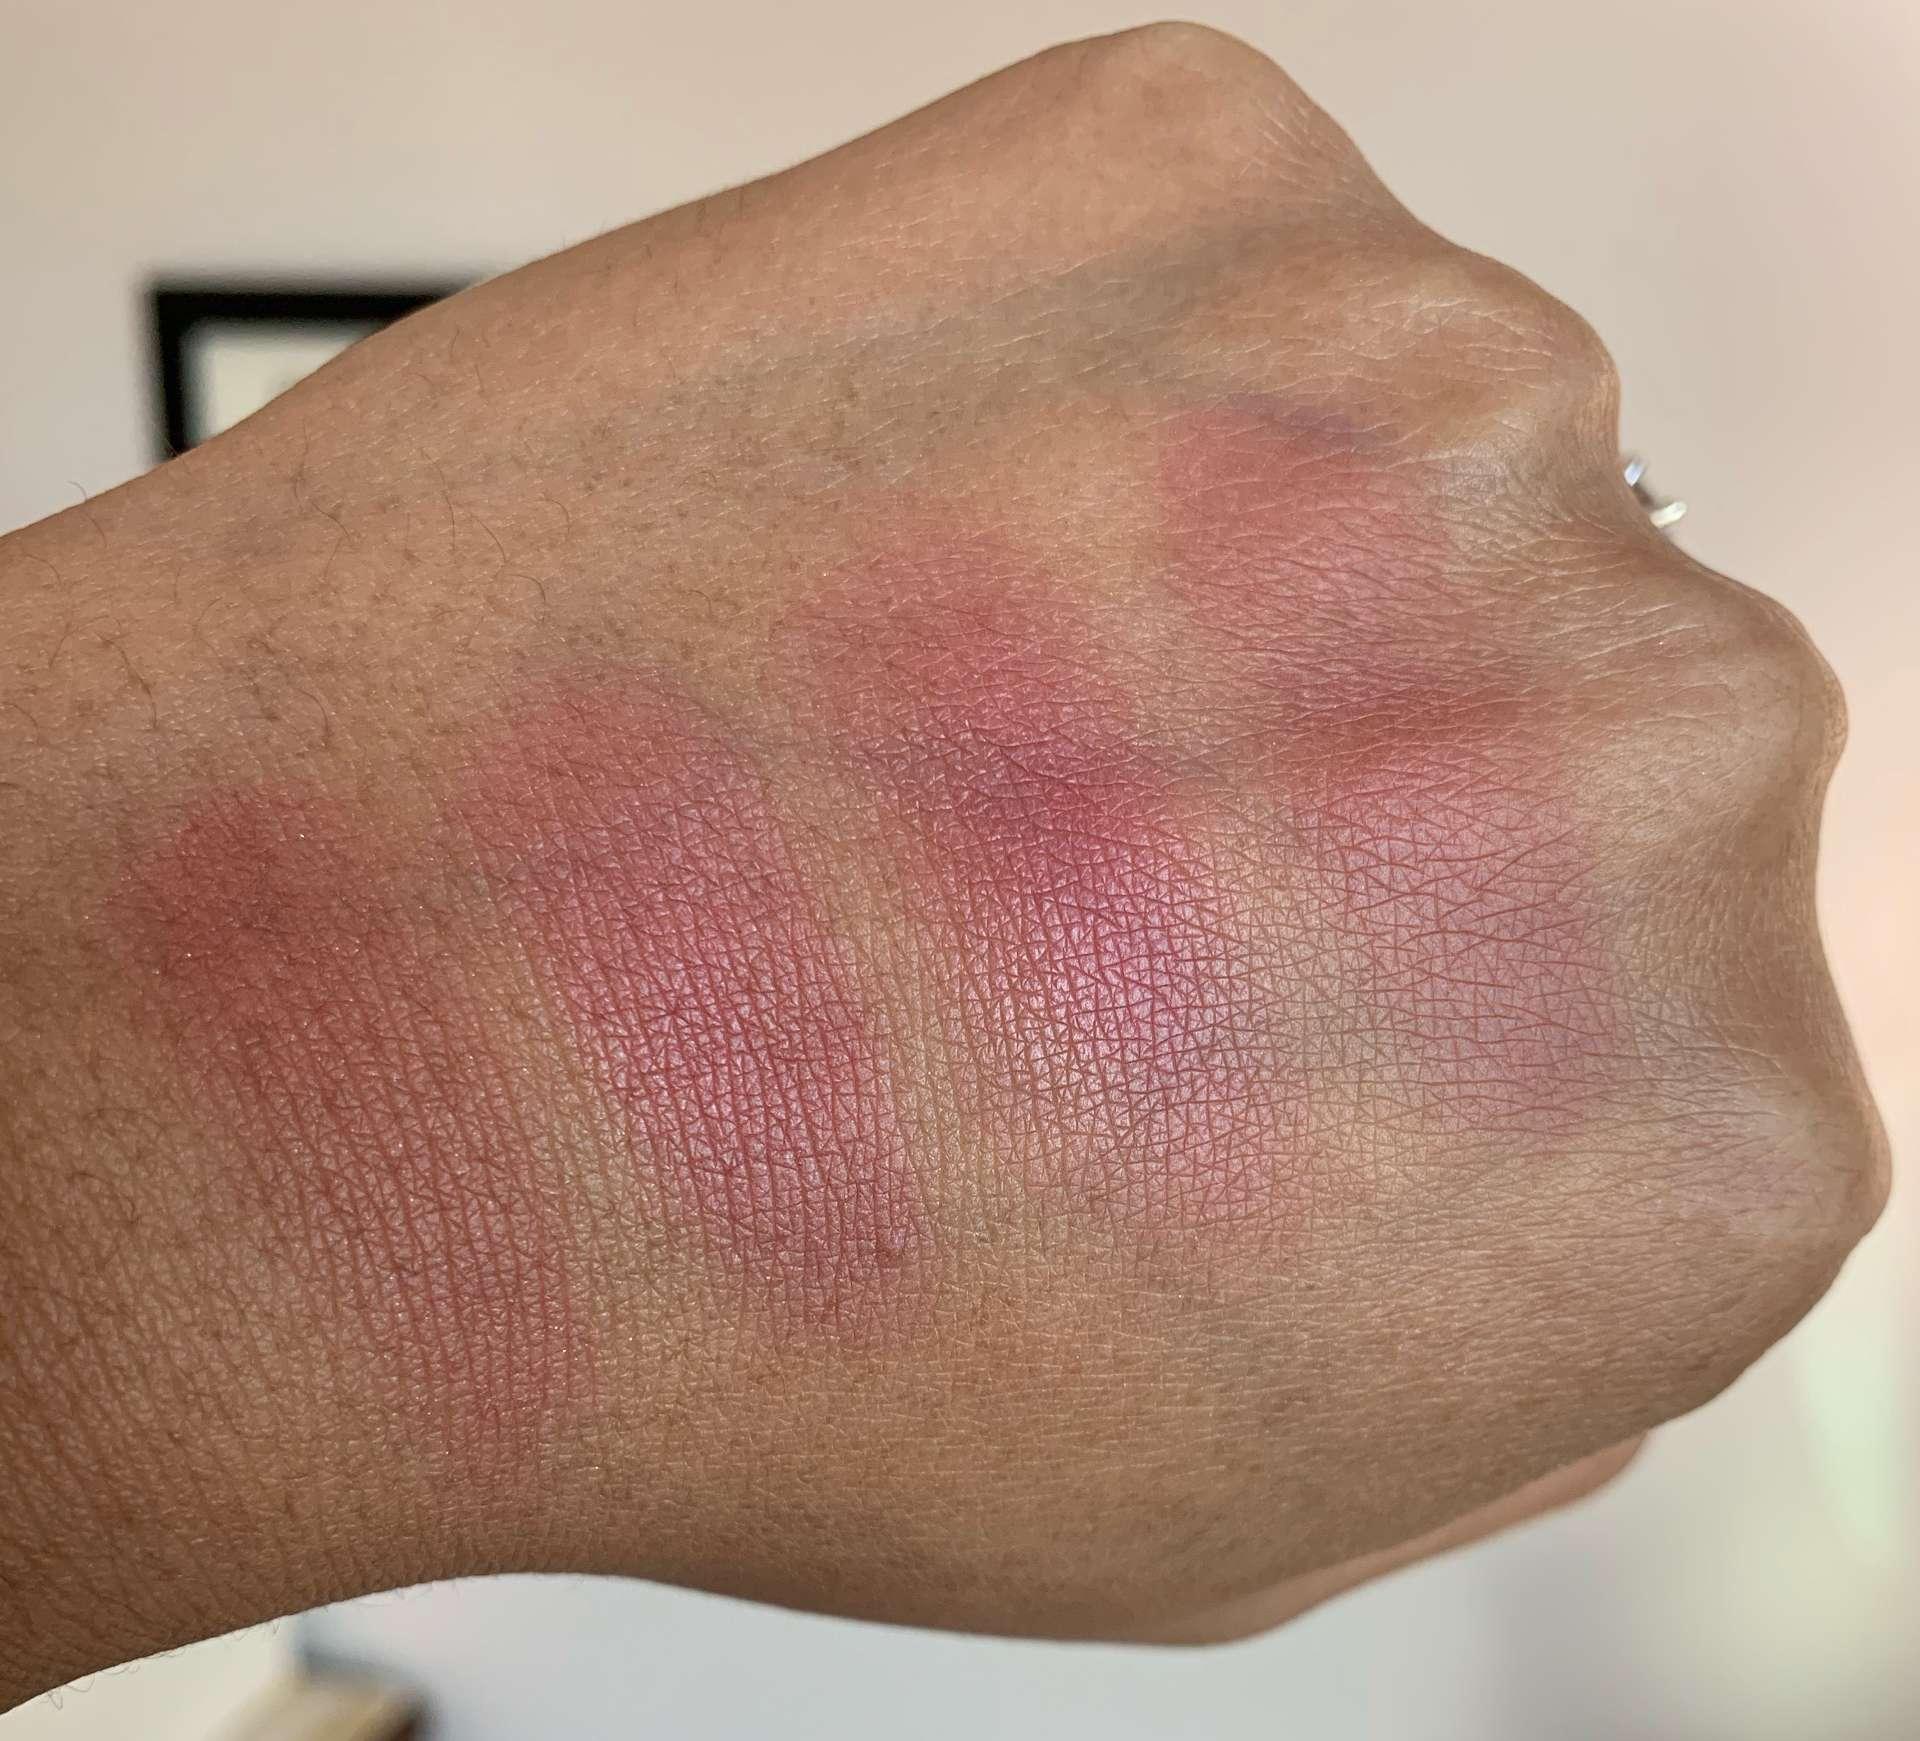 Bobbi Brown blush swatches (slopes, rose, sand pink, tawny) on medium dark skin